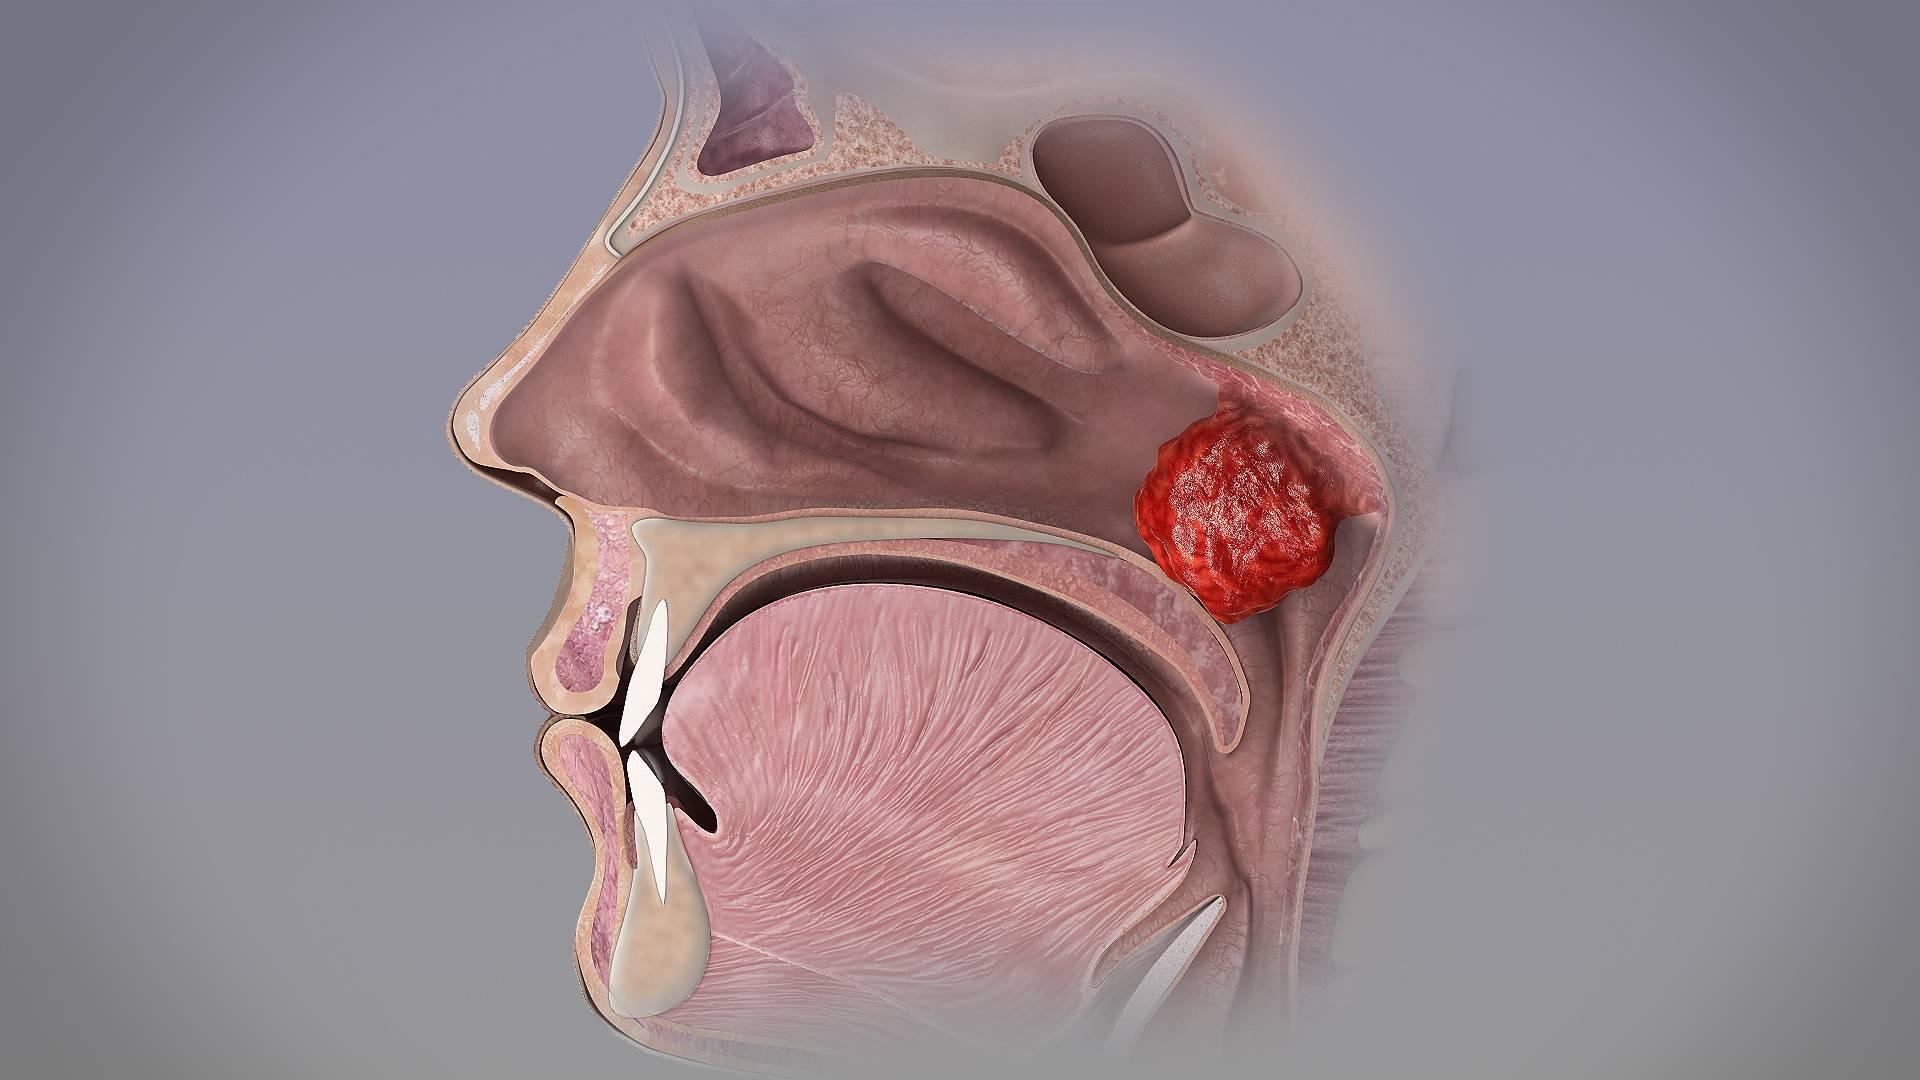 воспаление носоглотки симптомы и лечение